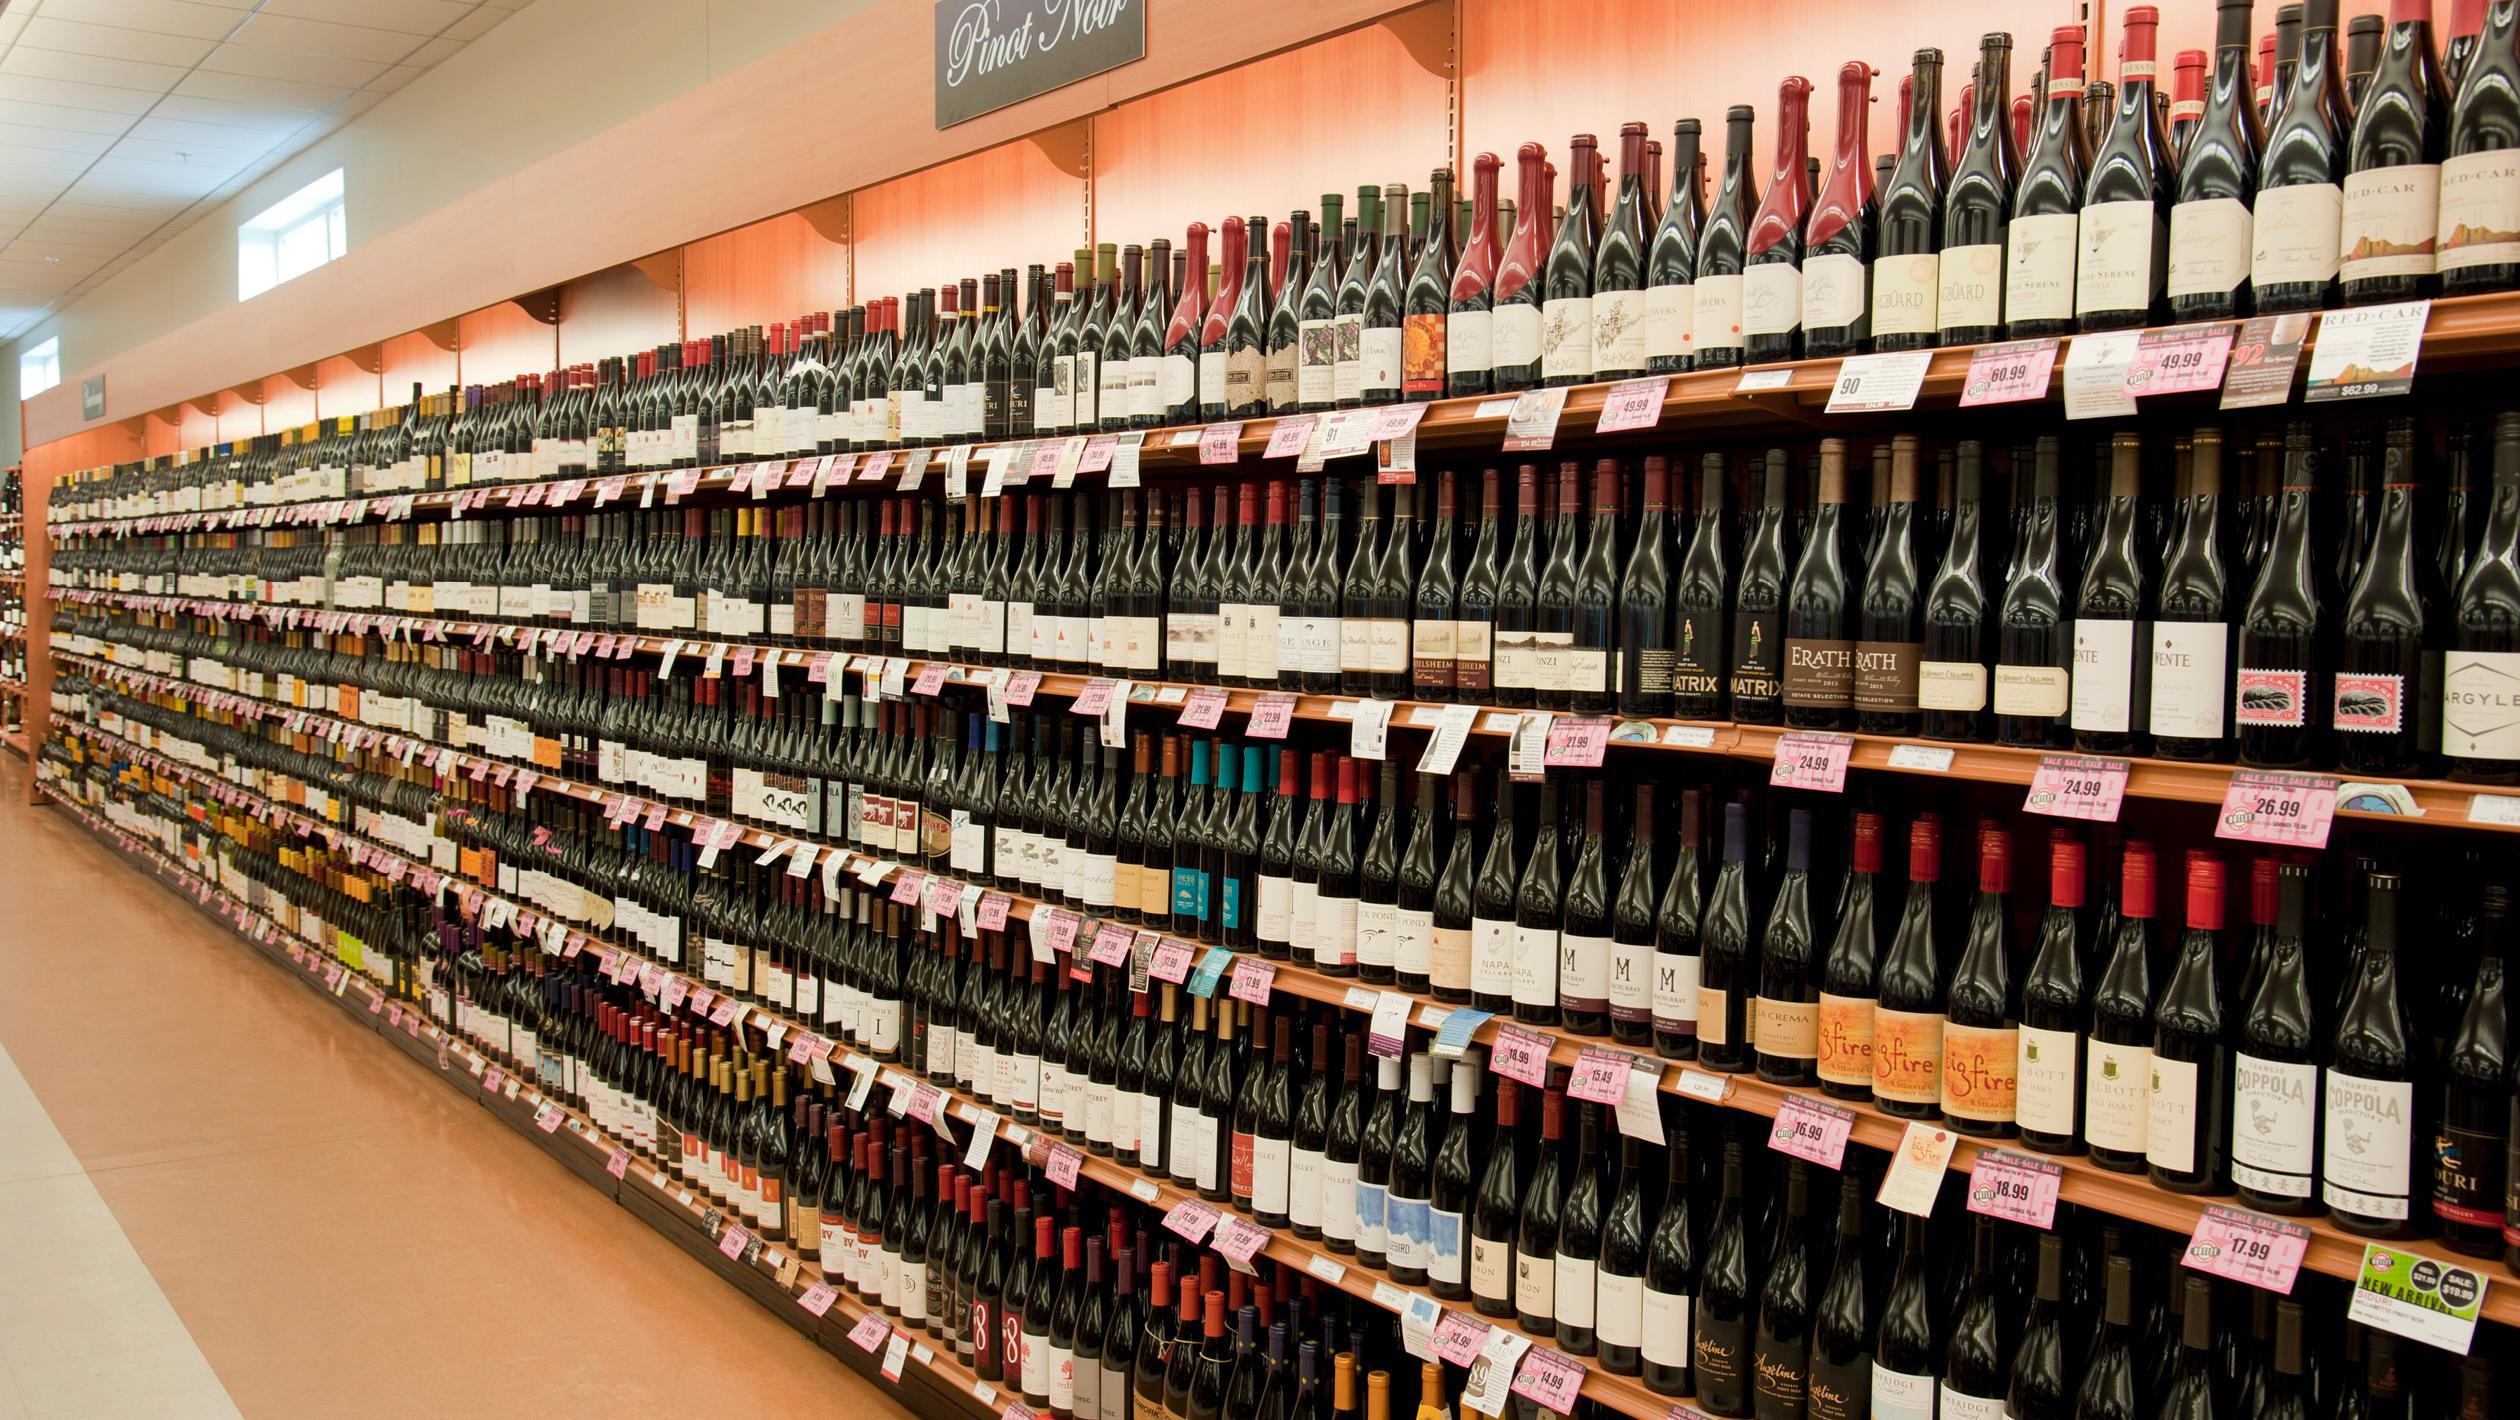 Mayorista de bebidas alcohólicas en China utiliza tecnología blockchain para la identificación de sus productos premium